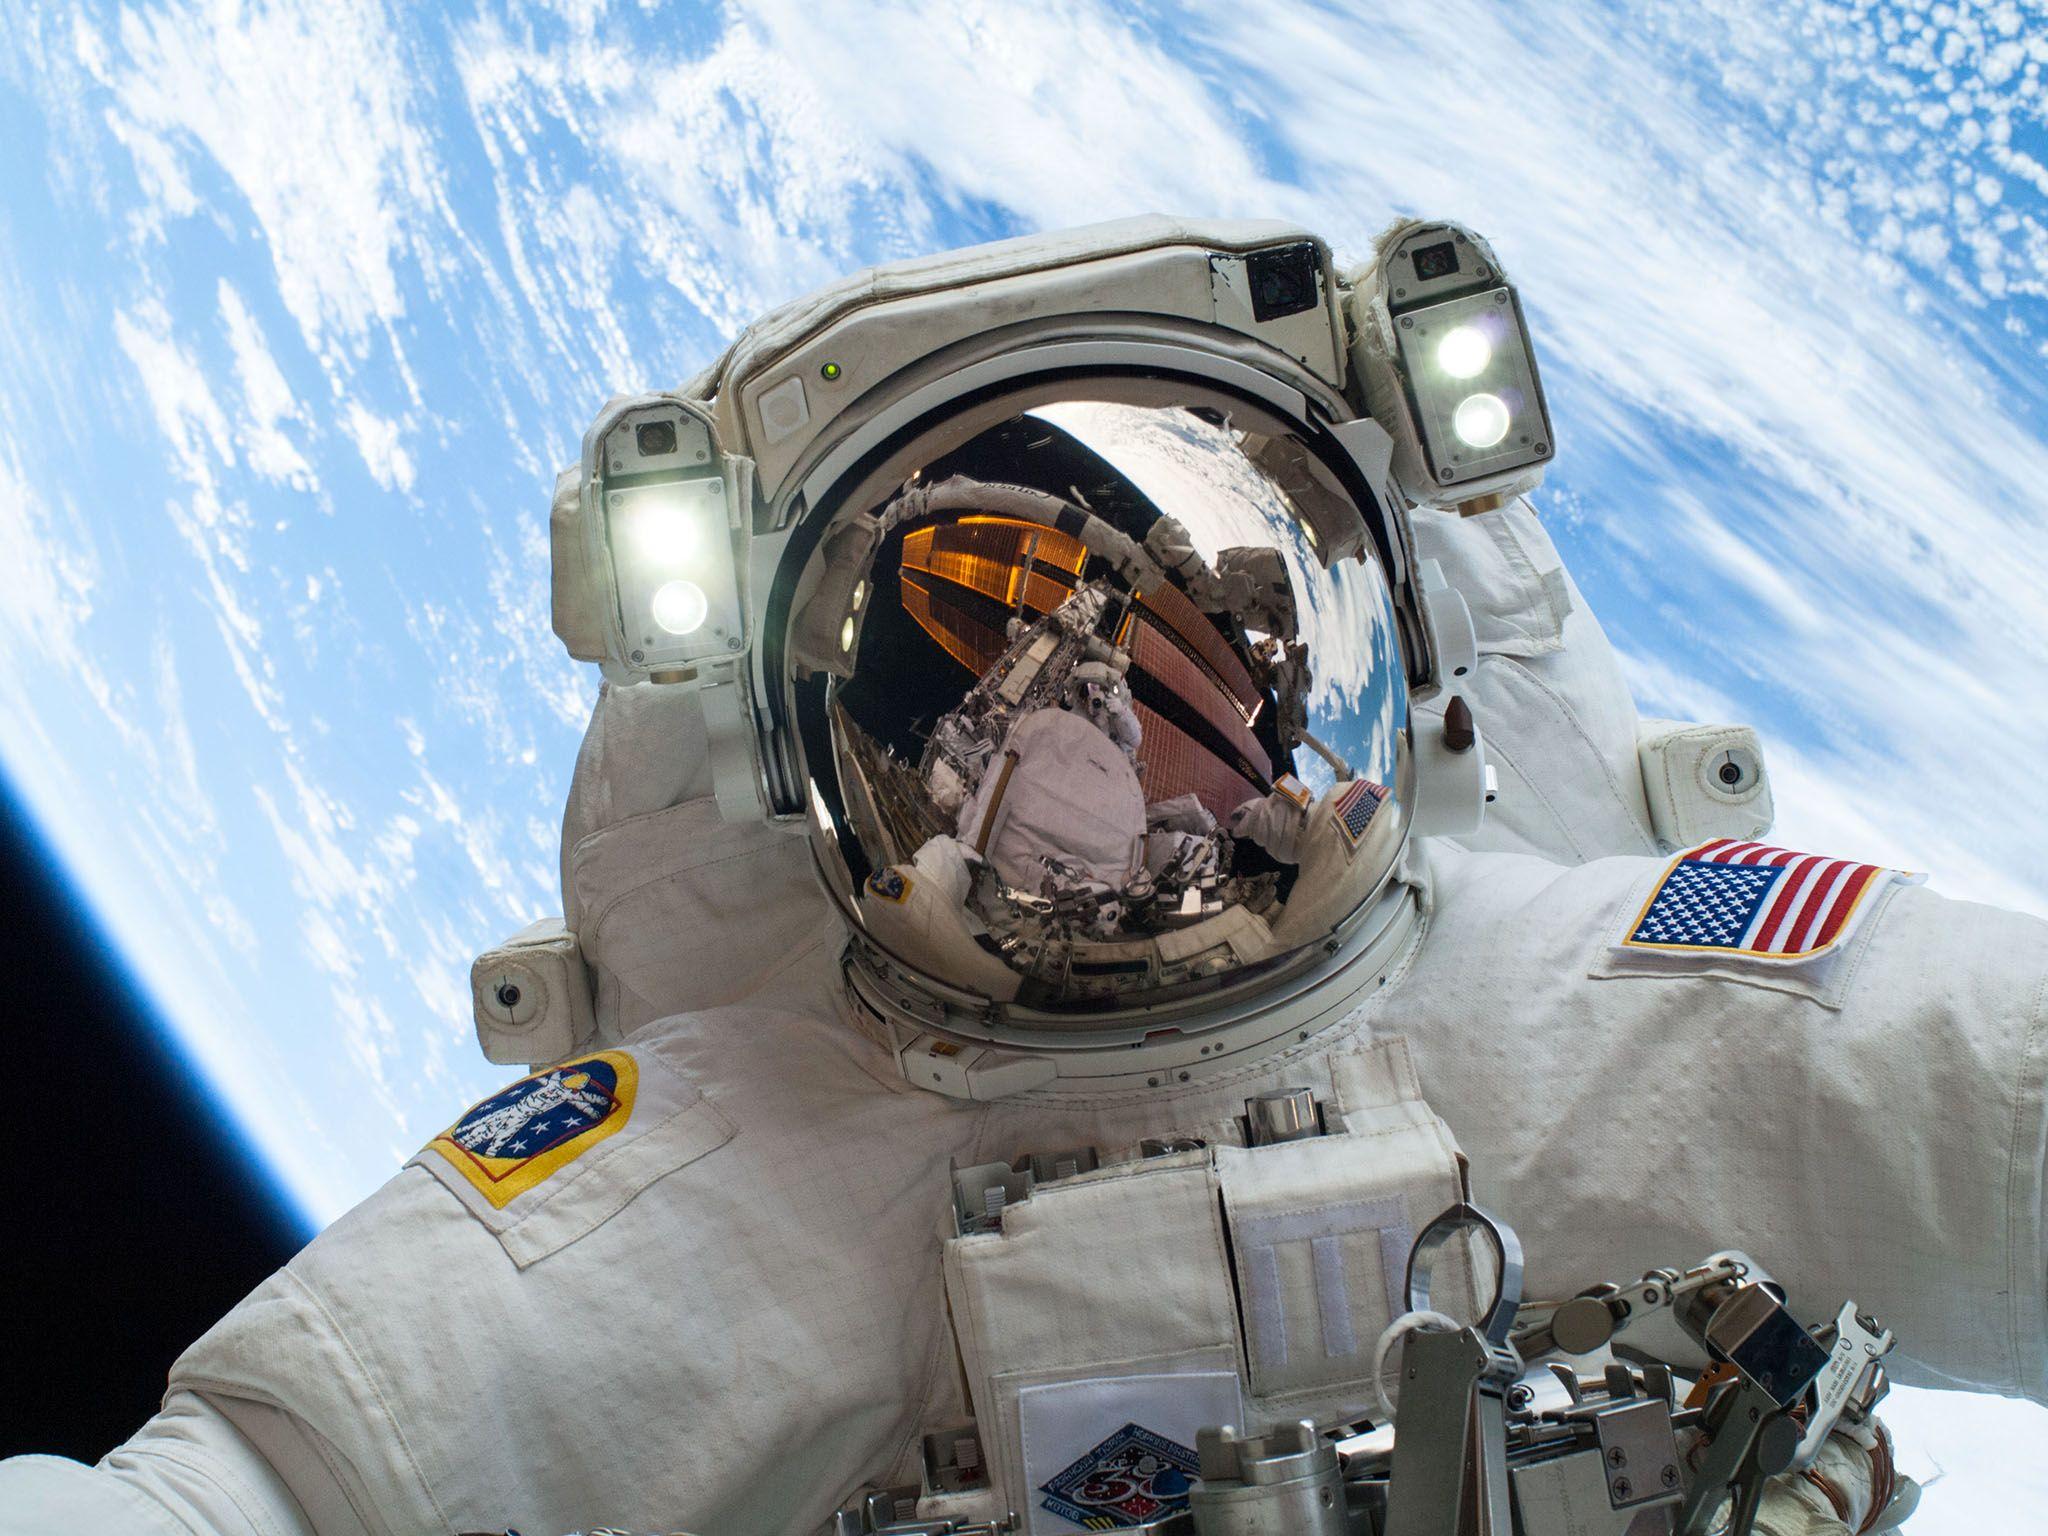 مايكل هوبكنز، رائد فضاء لدى وكالة ناسا. هذه الصورة من... [Photo of the day - أكتوبر 2016]